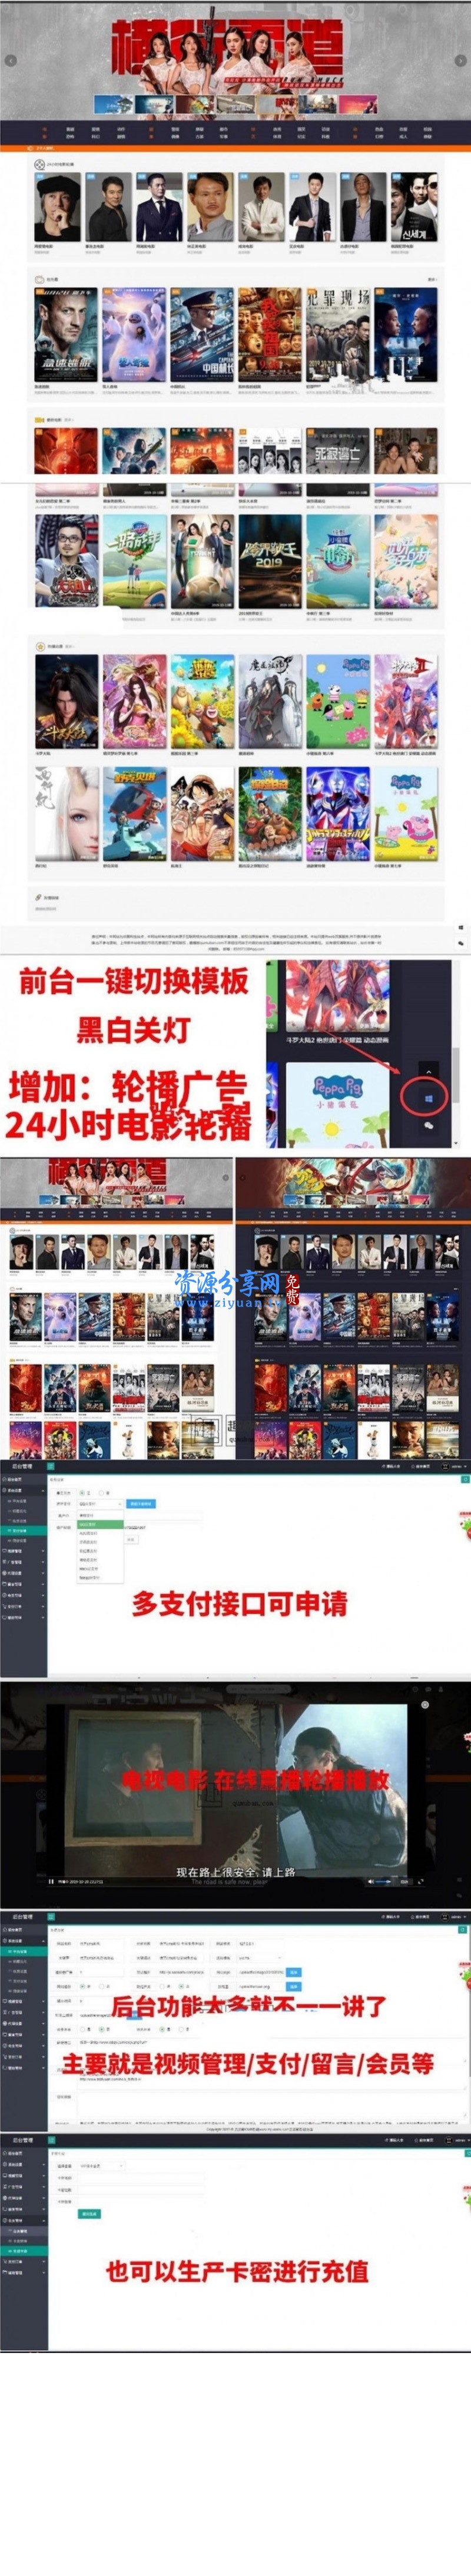 PHP 影视源码带直播视频打赏电影引流赚钱